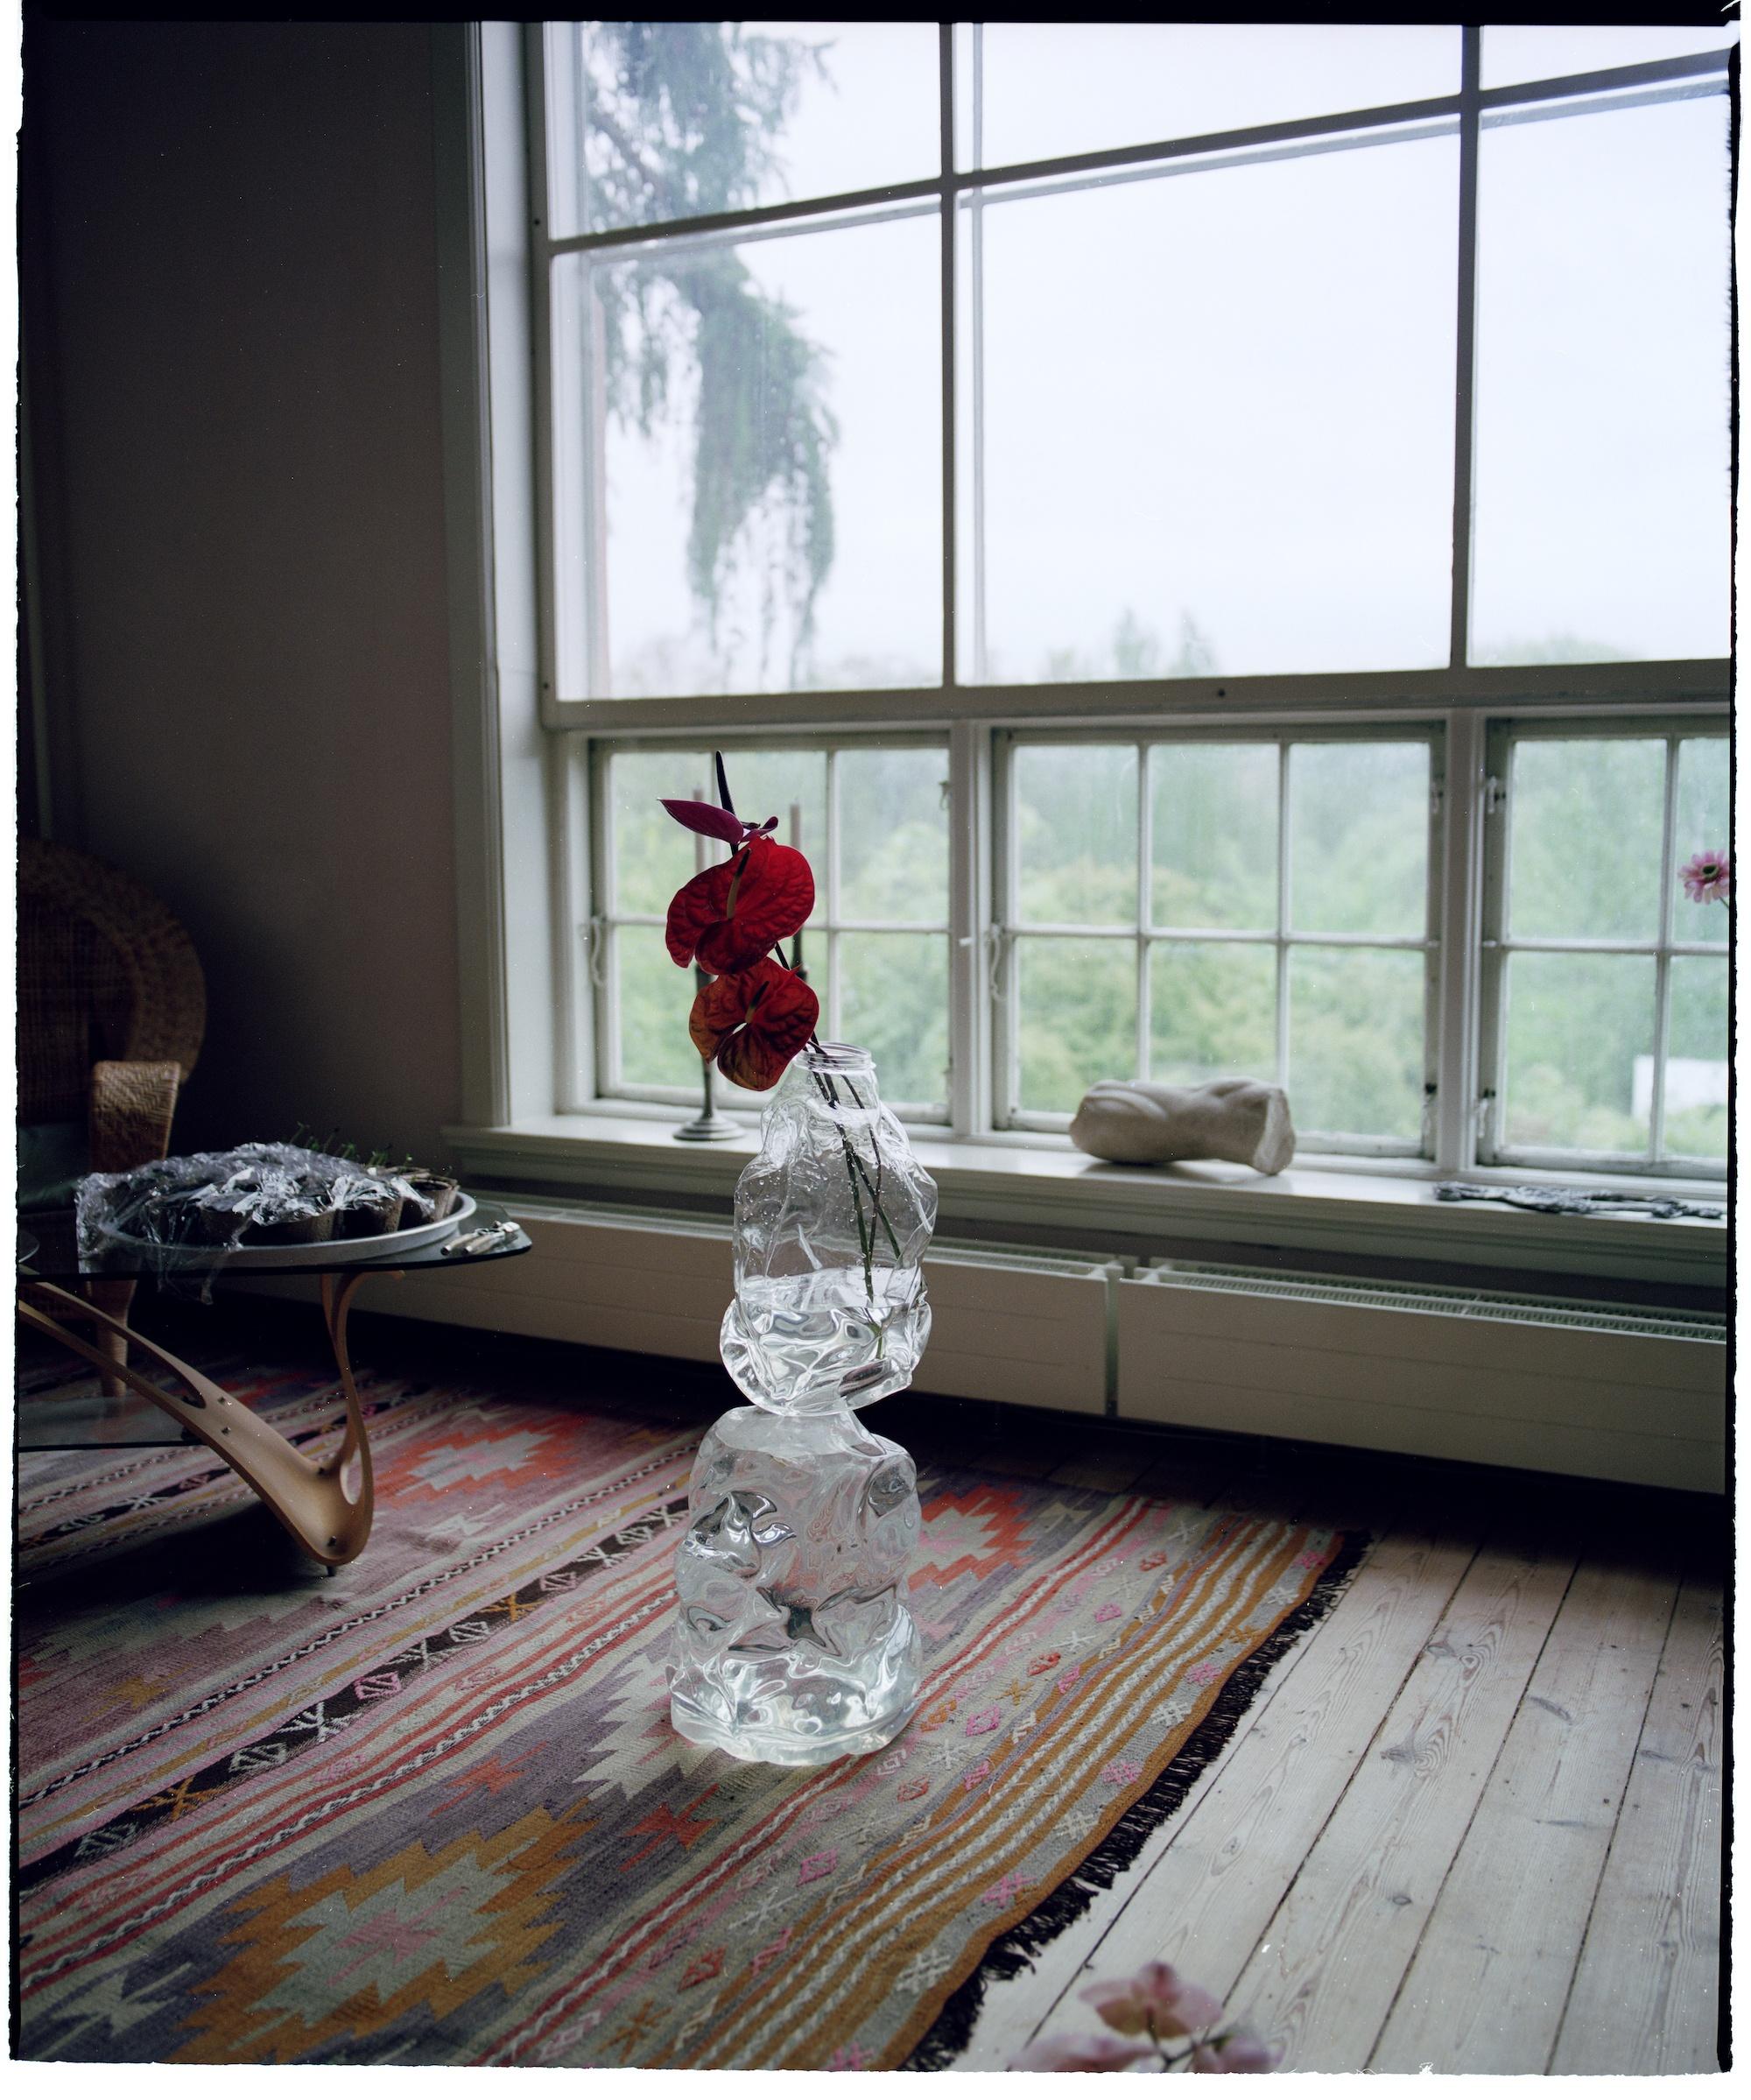 iGNANT-Design-Frederik-Nystrup-Larsen-Oliver-Sundqvist-Eros-Torso-017